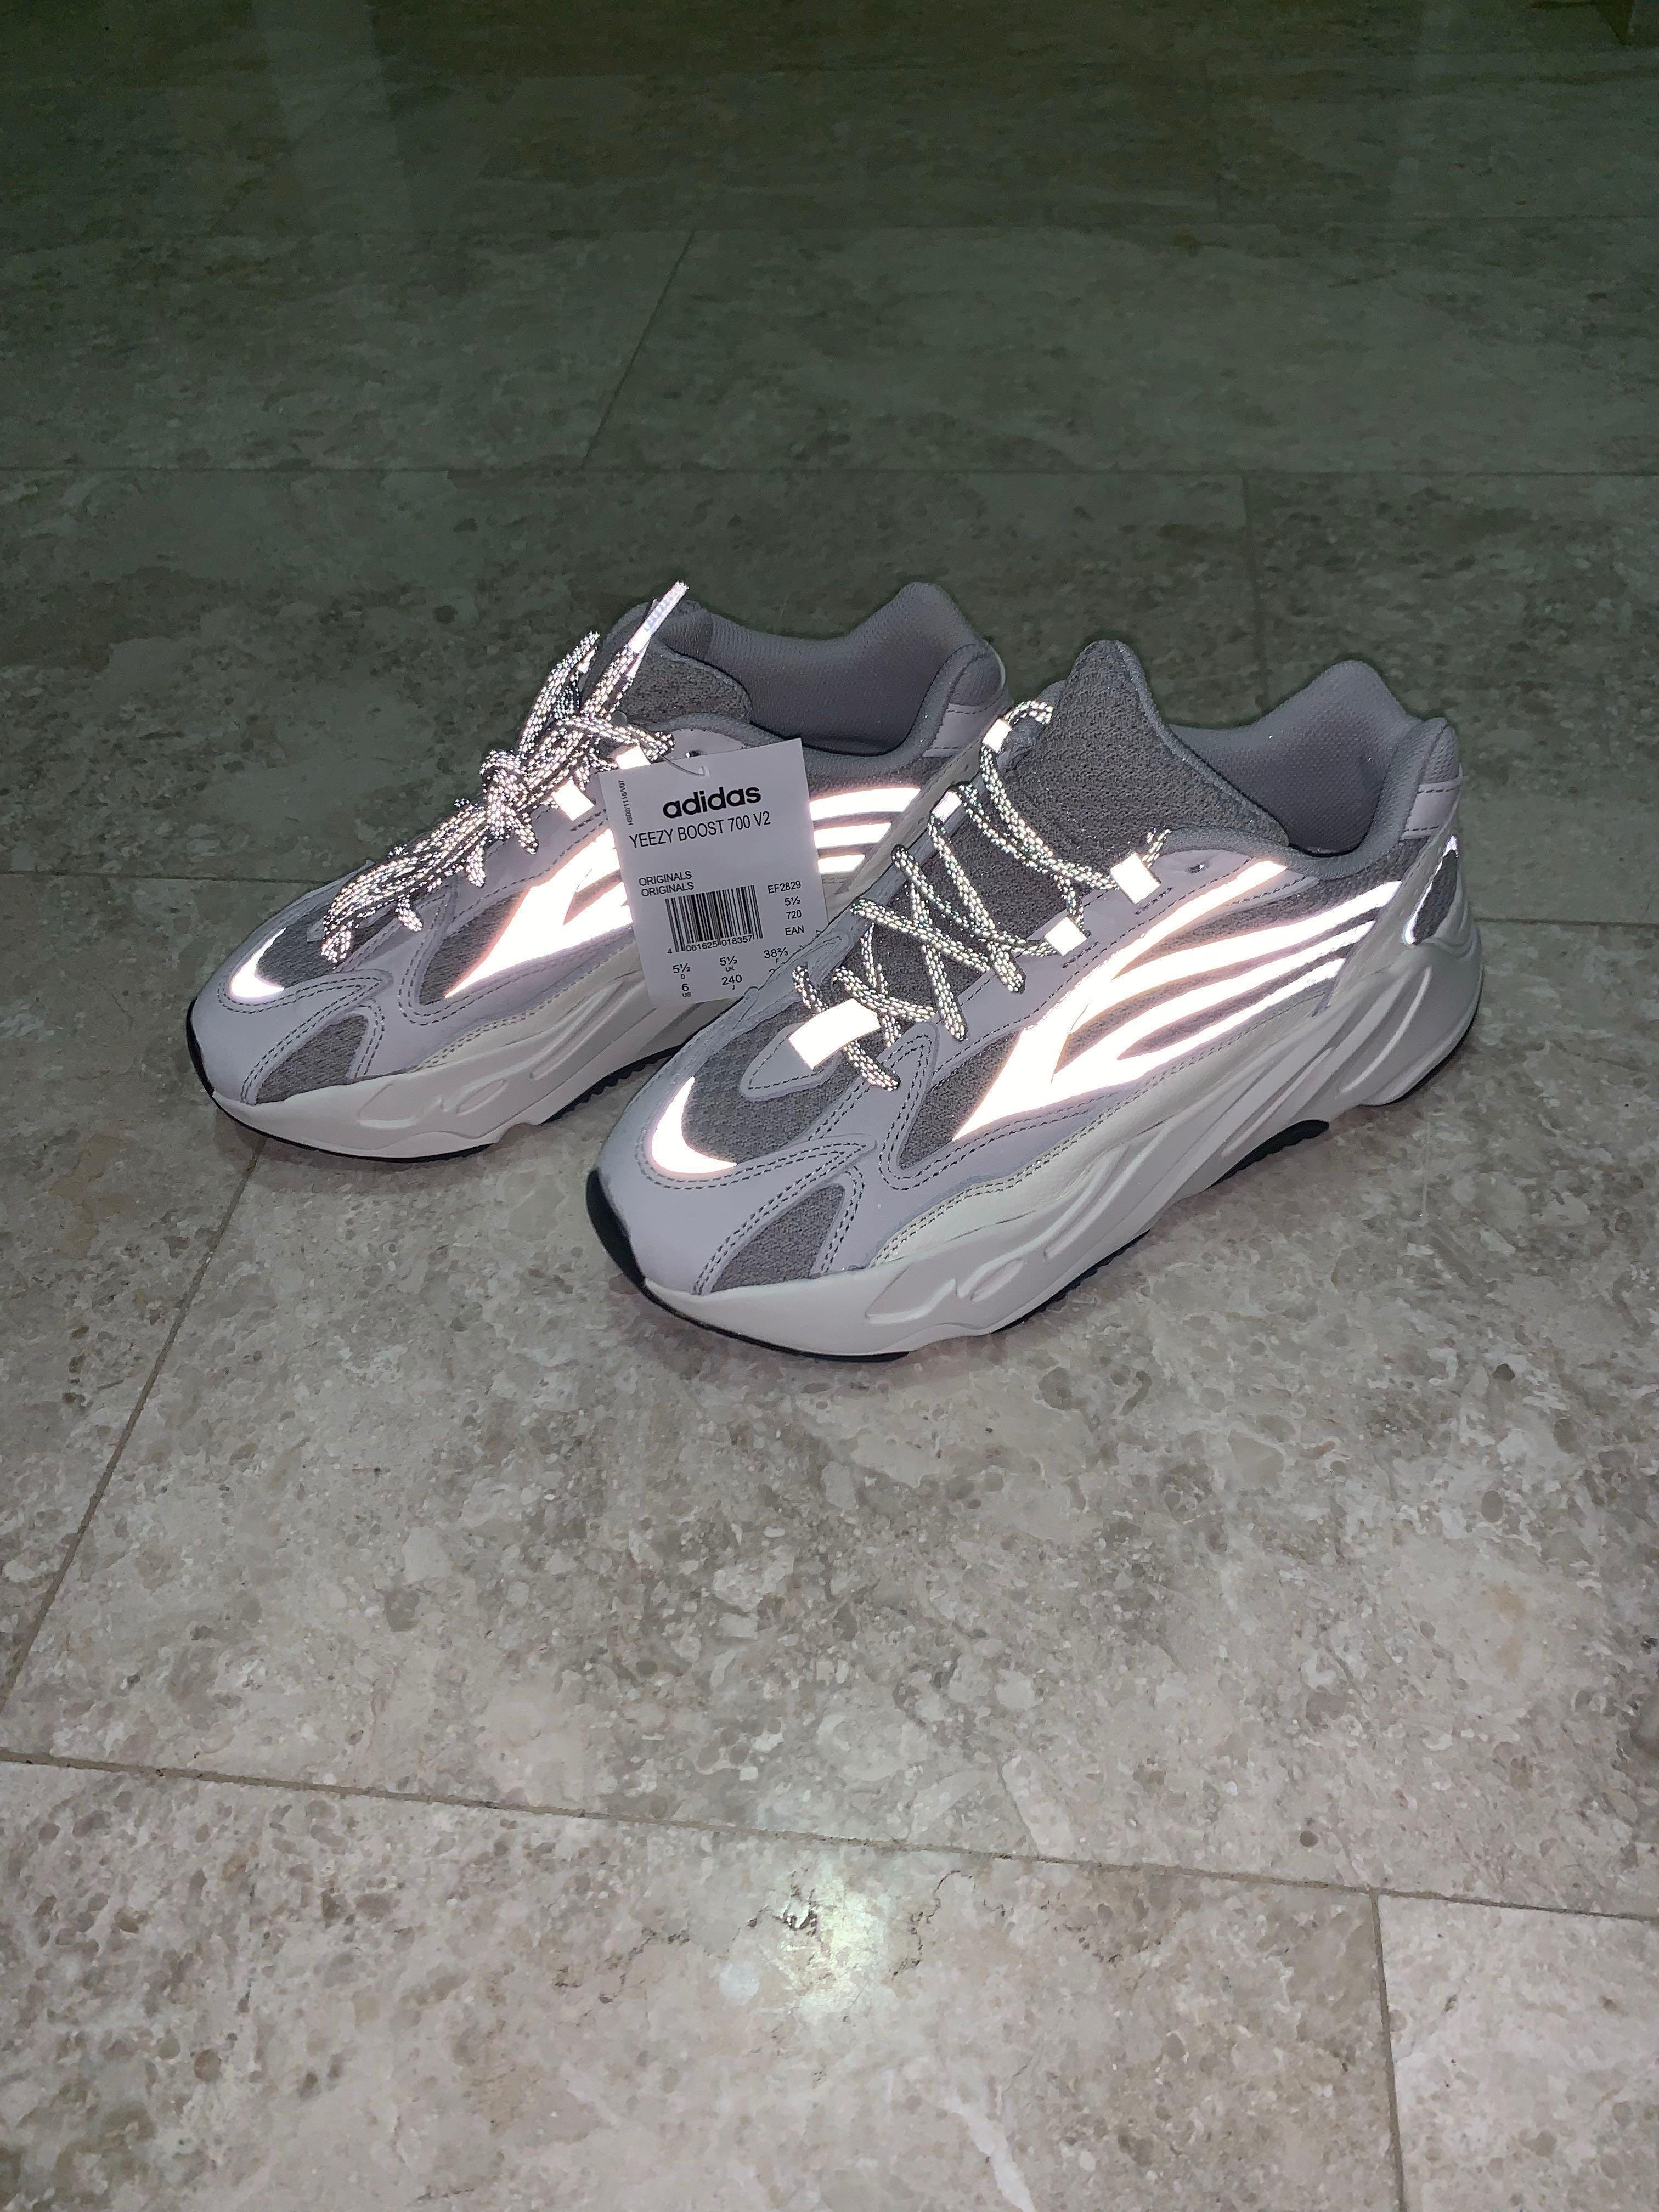 220ac1b8c0a Adidas Yeezy Boost 700 v2 Static (US 6